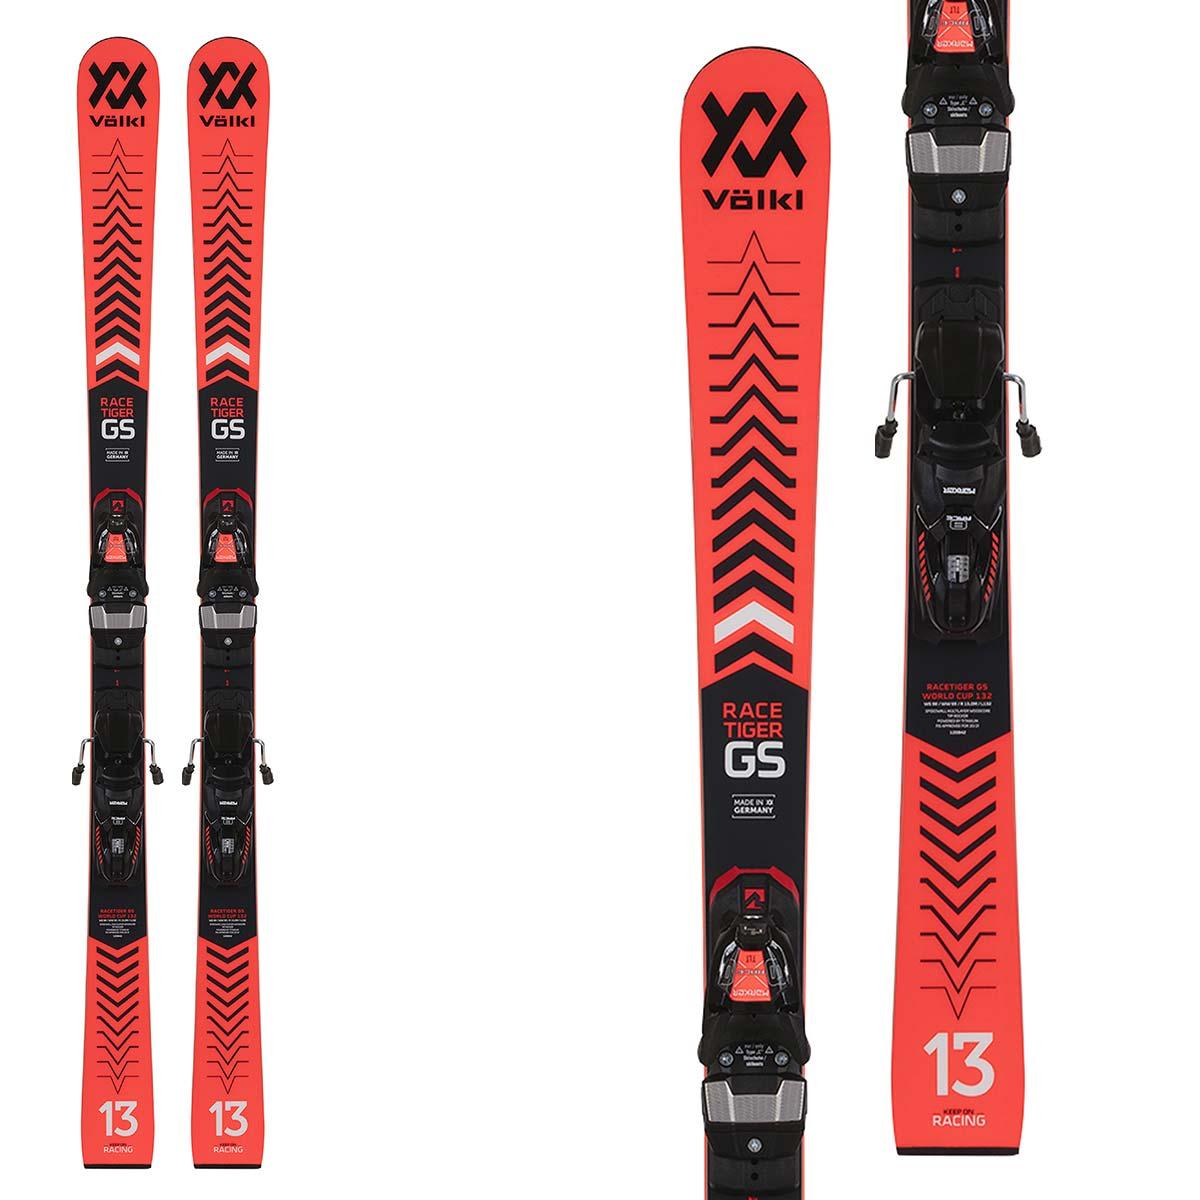 Sci Volkl Racetiger GSR JR 17 w/Plate L con attacchi Xcomp 12 (Colore: rosso nero, Taglia: 171)